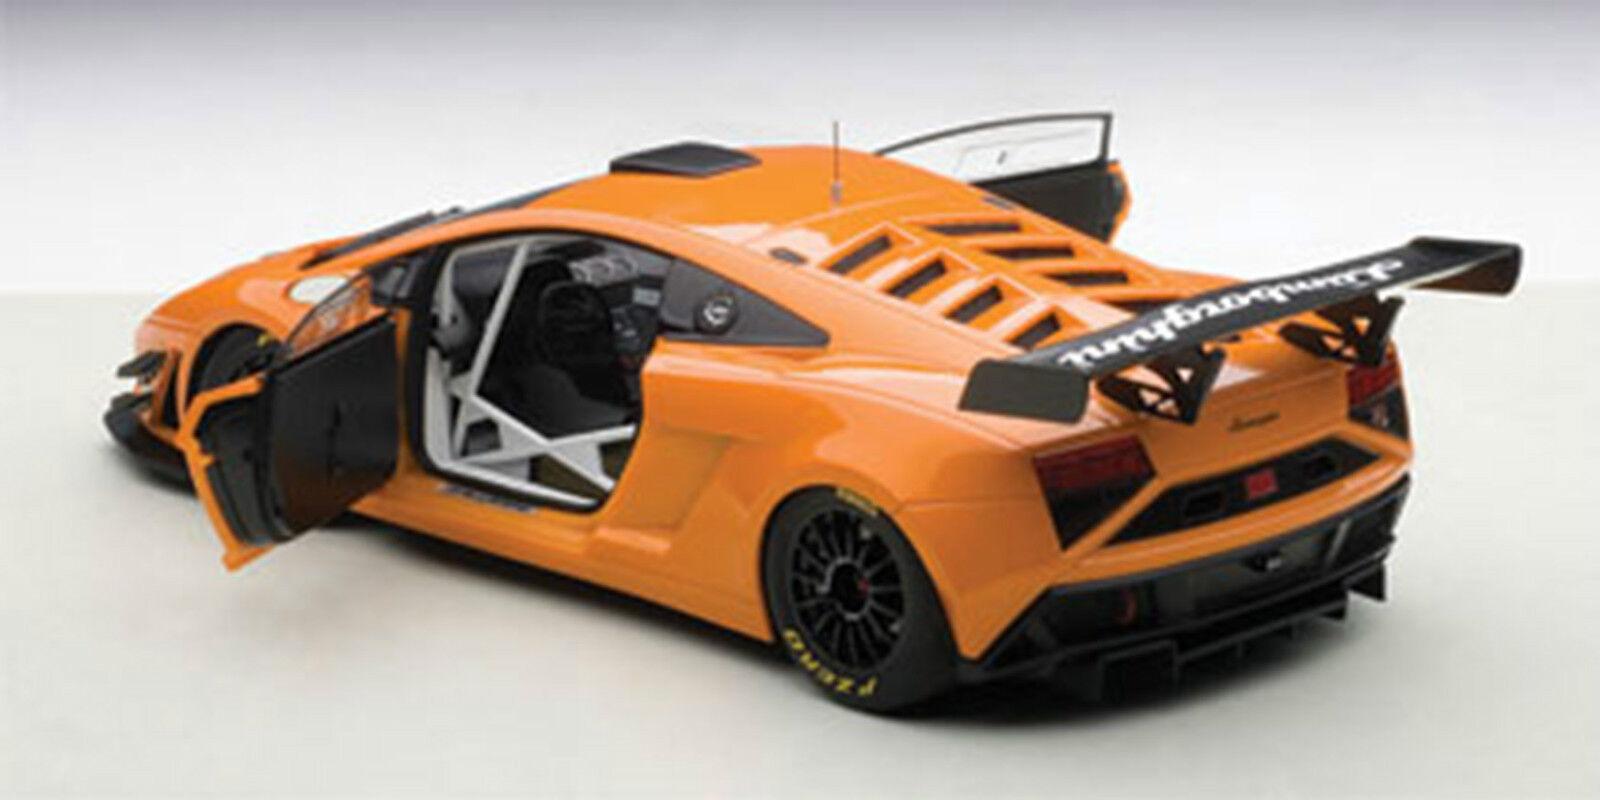 Autoart 2013 Lamborghini Gallardo GT3 FL2 Orange Metallic Zusammengesetzt 0.1cm